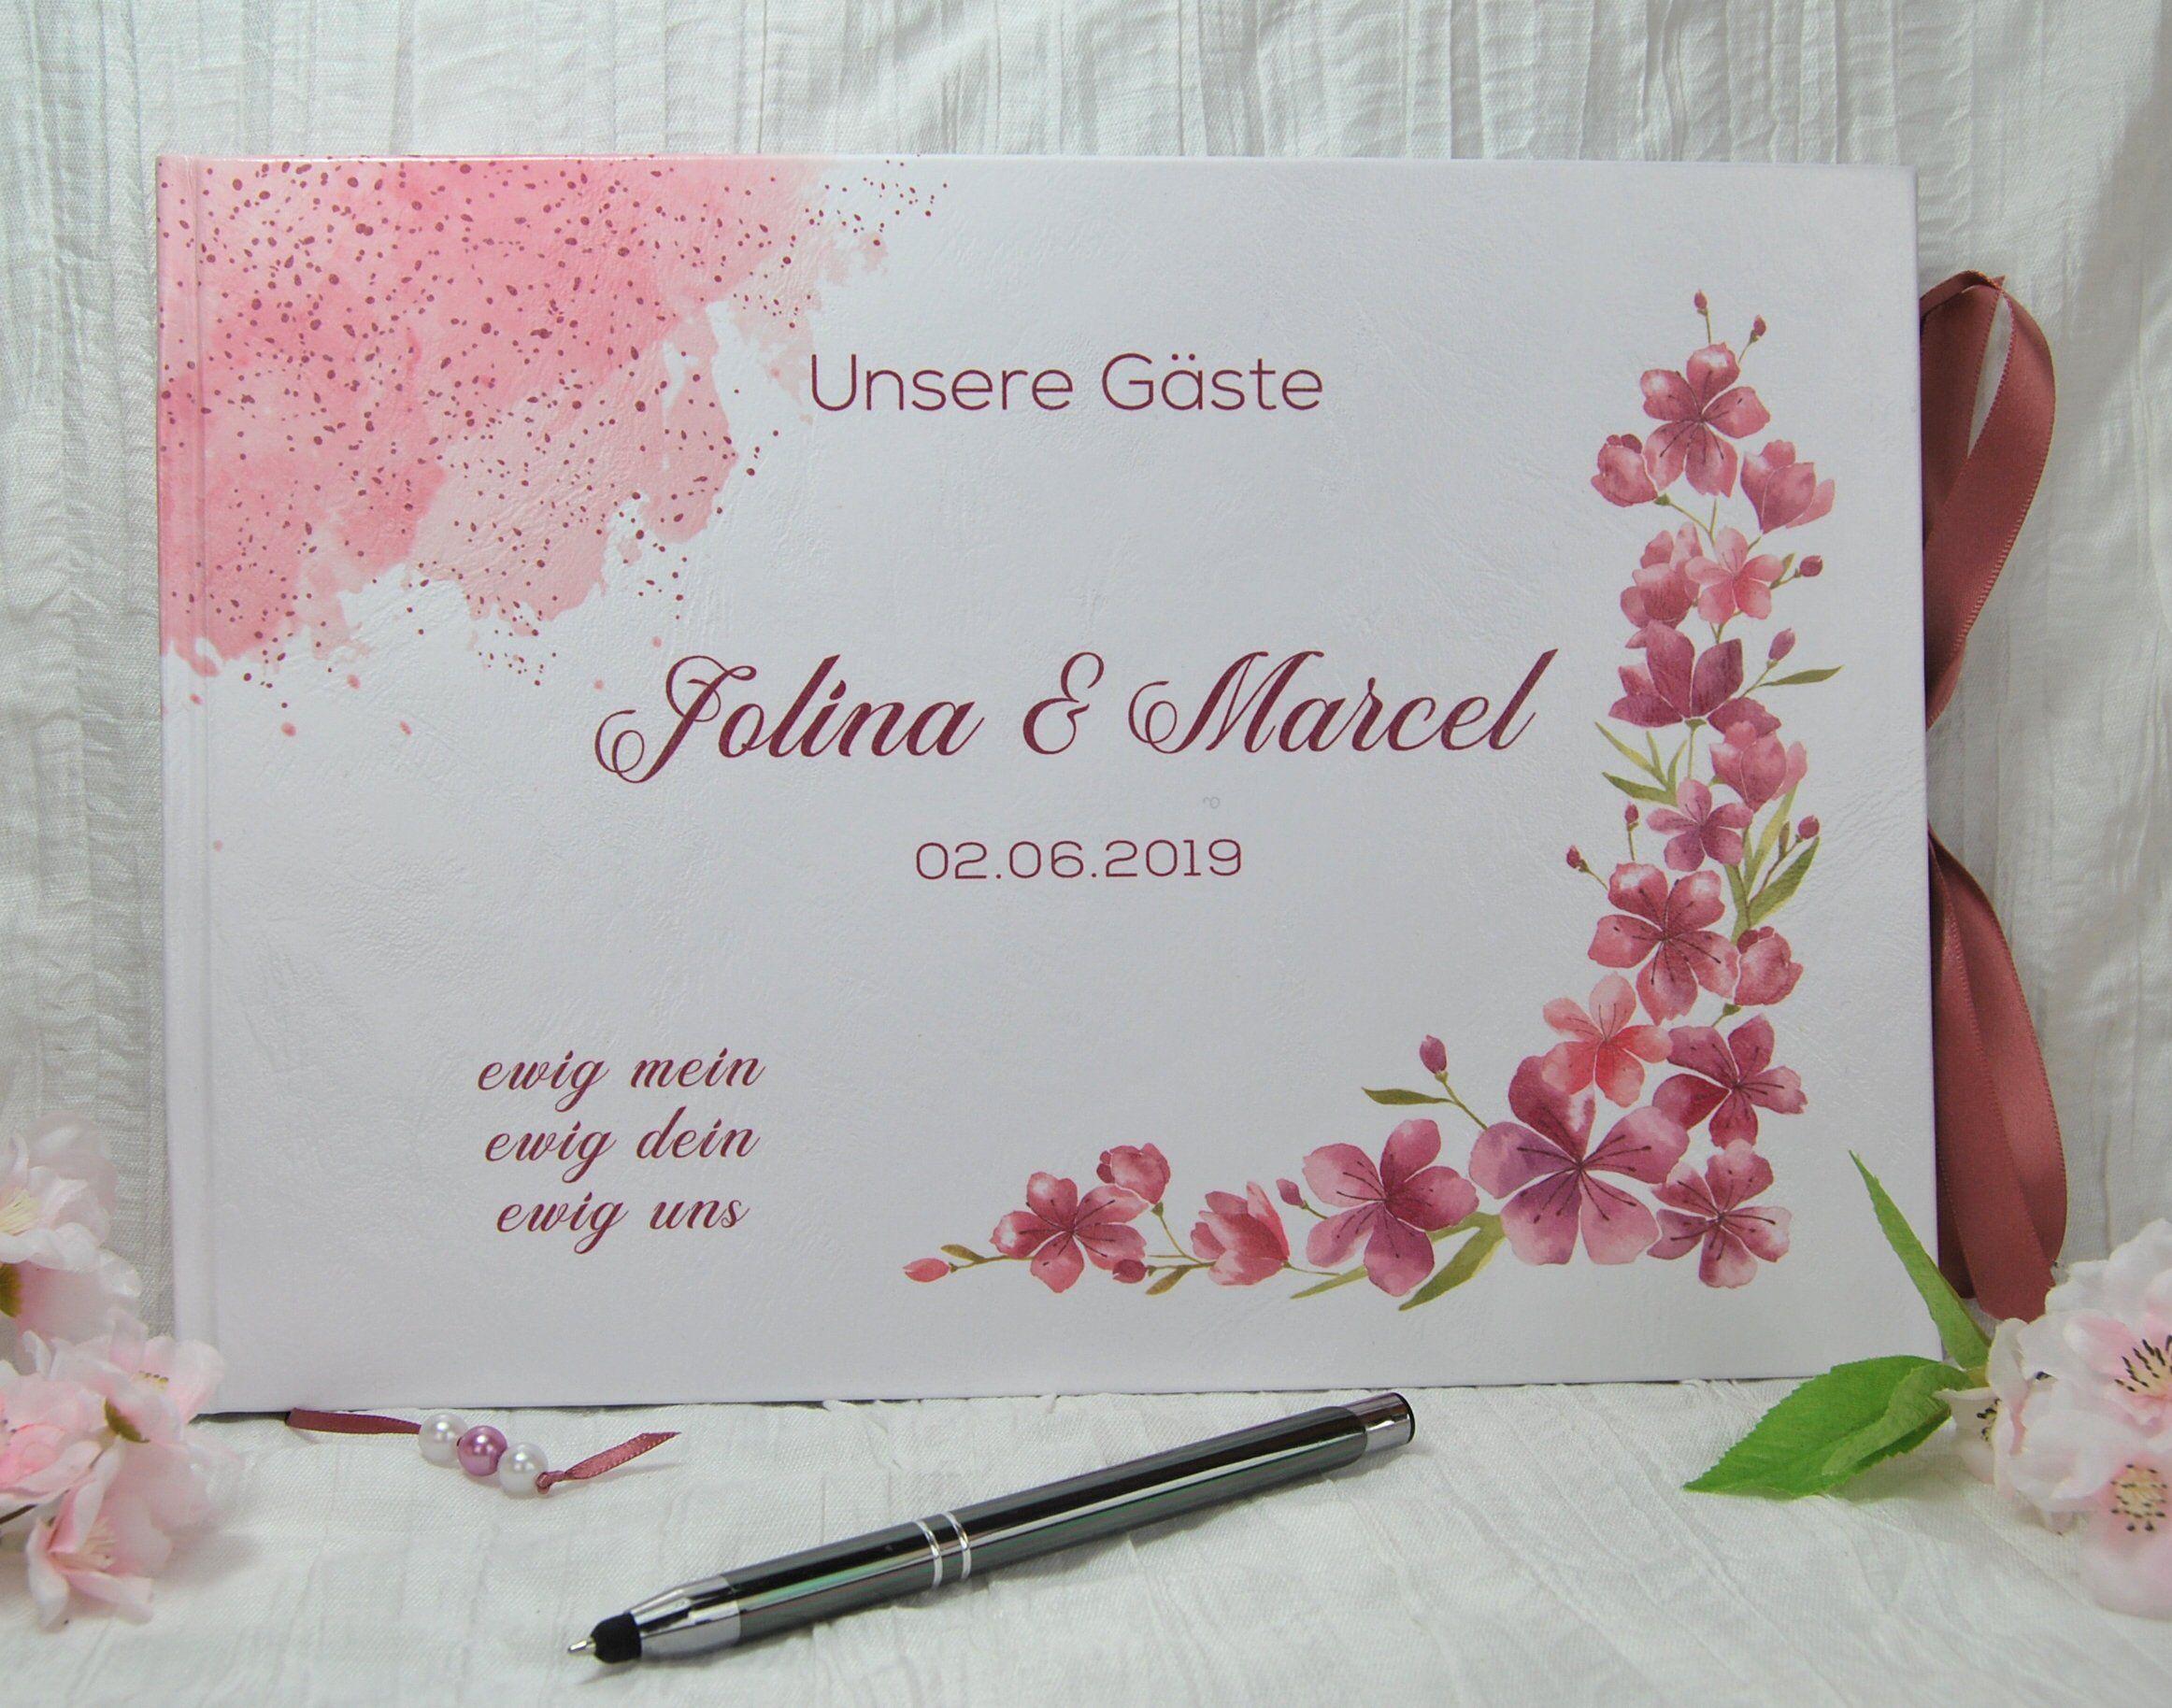 Personalisiertes Gastebuch Hochzeit Kirschblute Fragen Fragebogen Gastefragen Name Floral Rosa Altrosa Koralle Pfirsisch Boho Vintage Hippie Book Cover